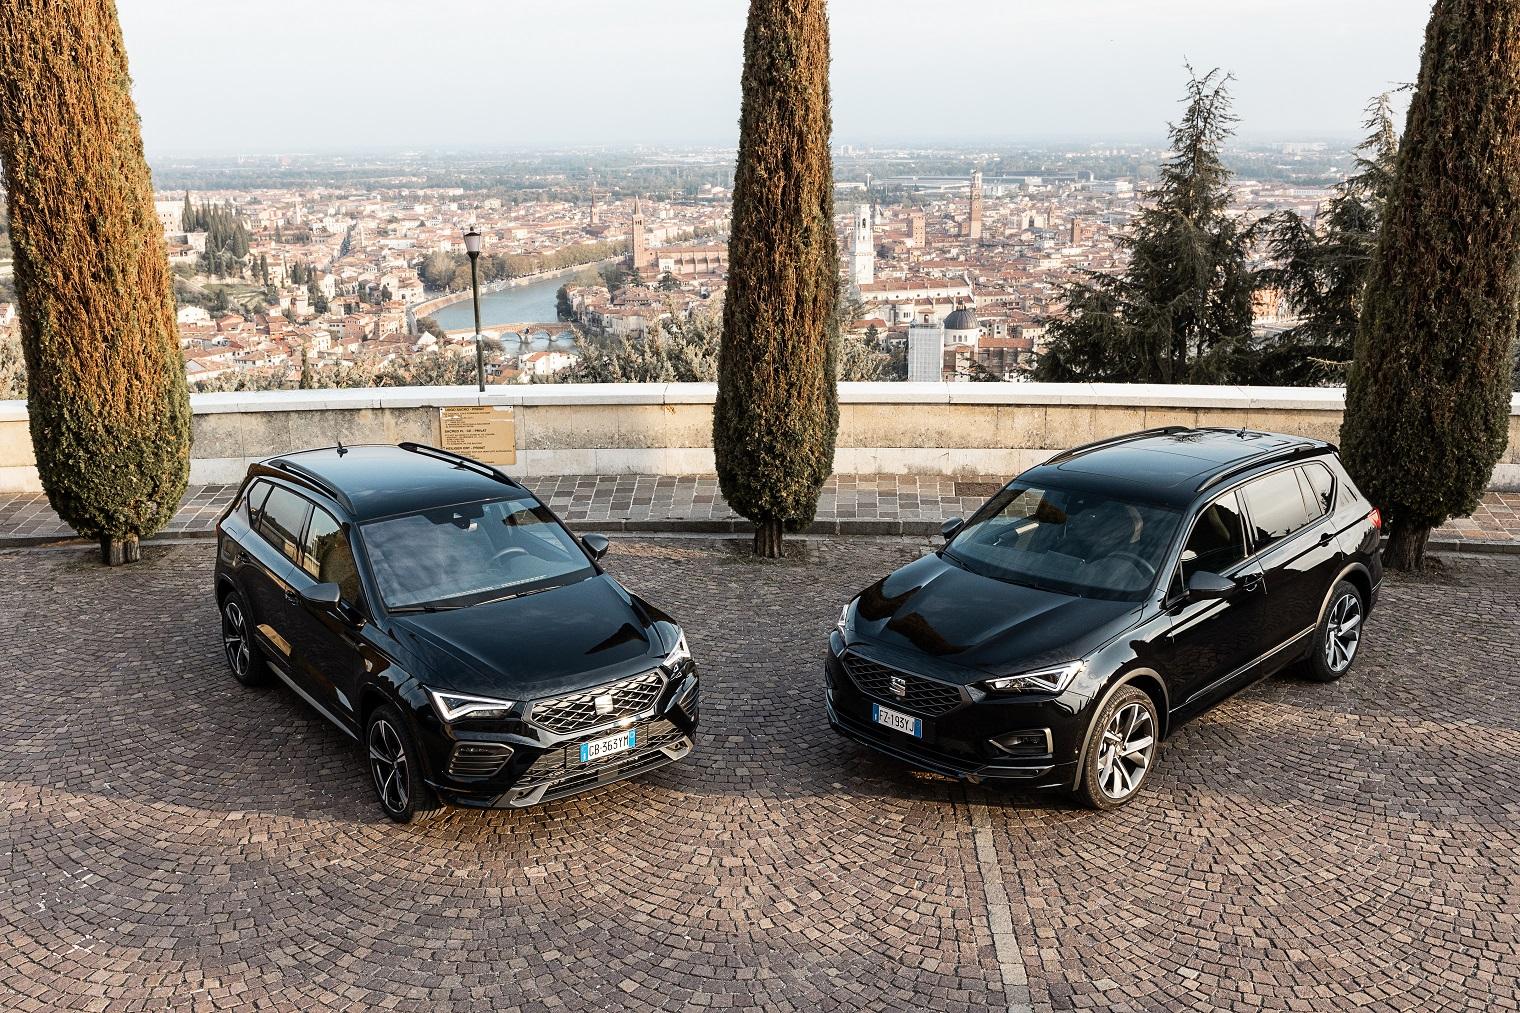 Presentazione nuove Seat Ateca e Tarraco FR 2020